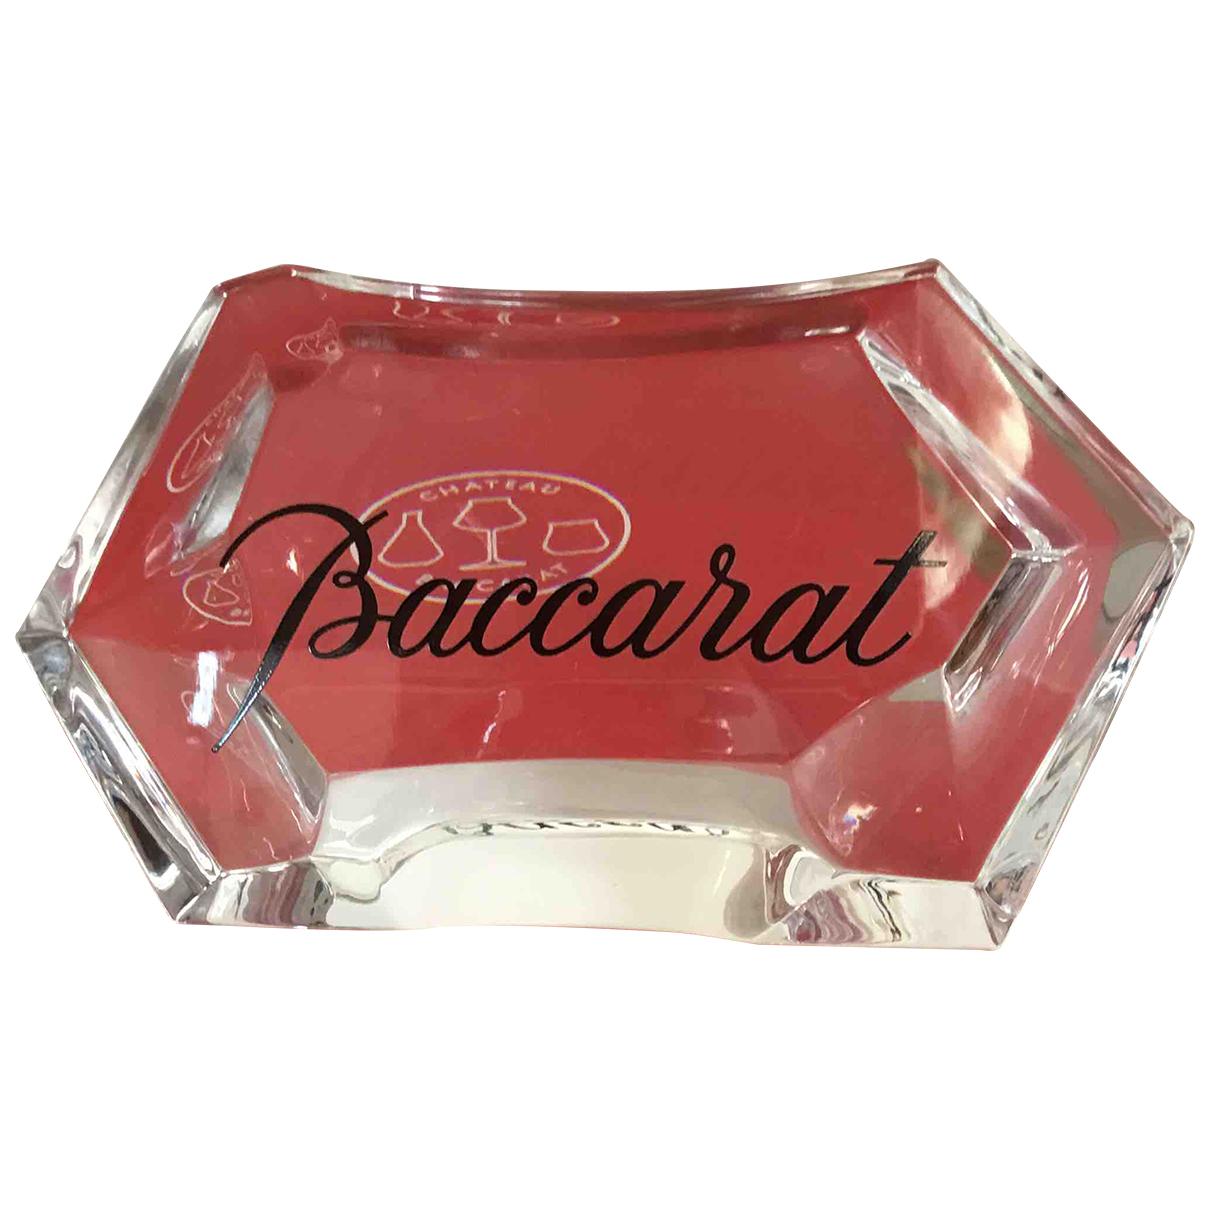 Baccarat \N Accessoires und Dekoration in Kristall